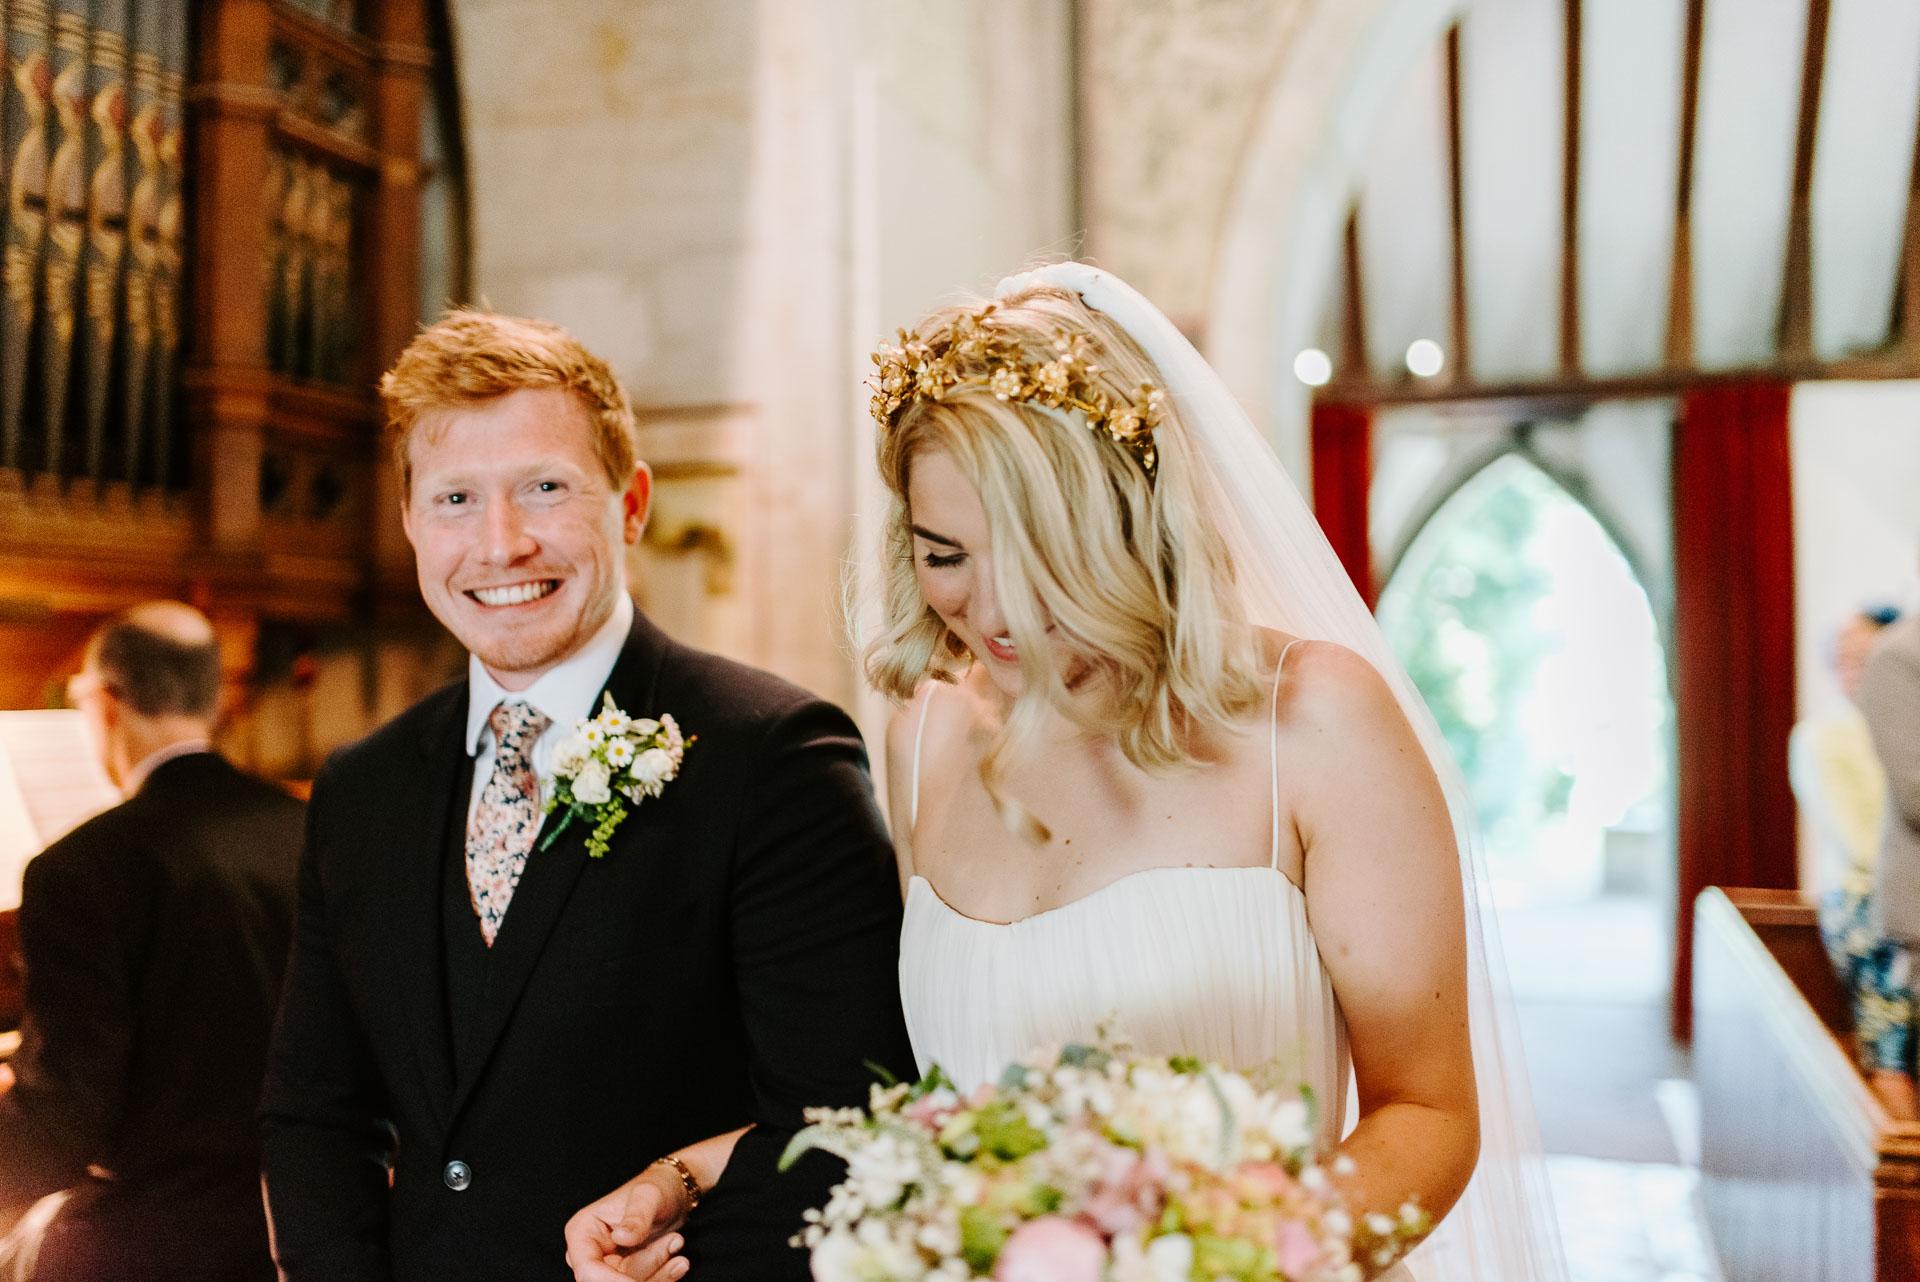 Henny_Jamie_East Sussex_Wedding_30.jpg